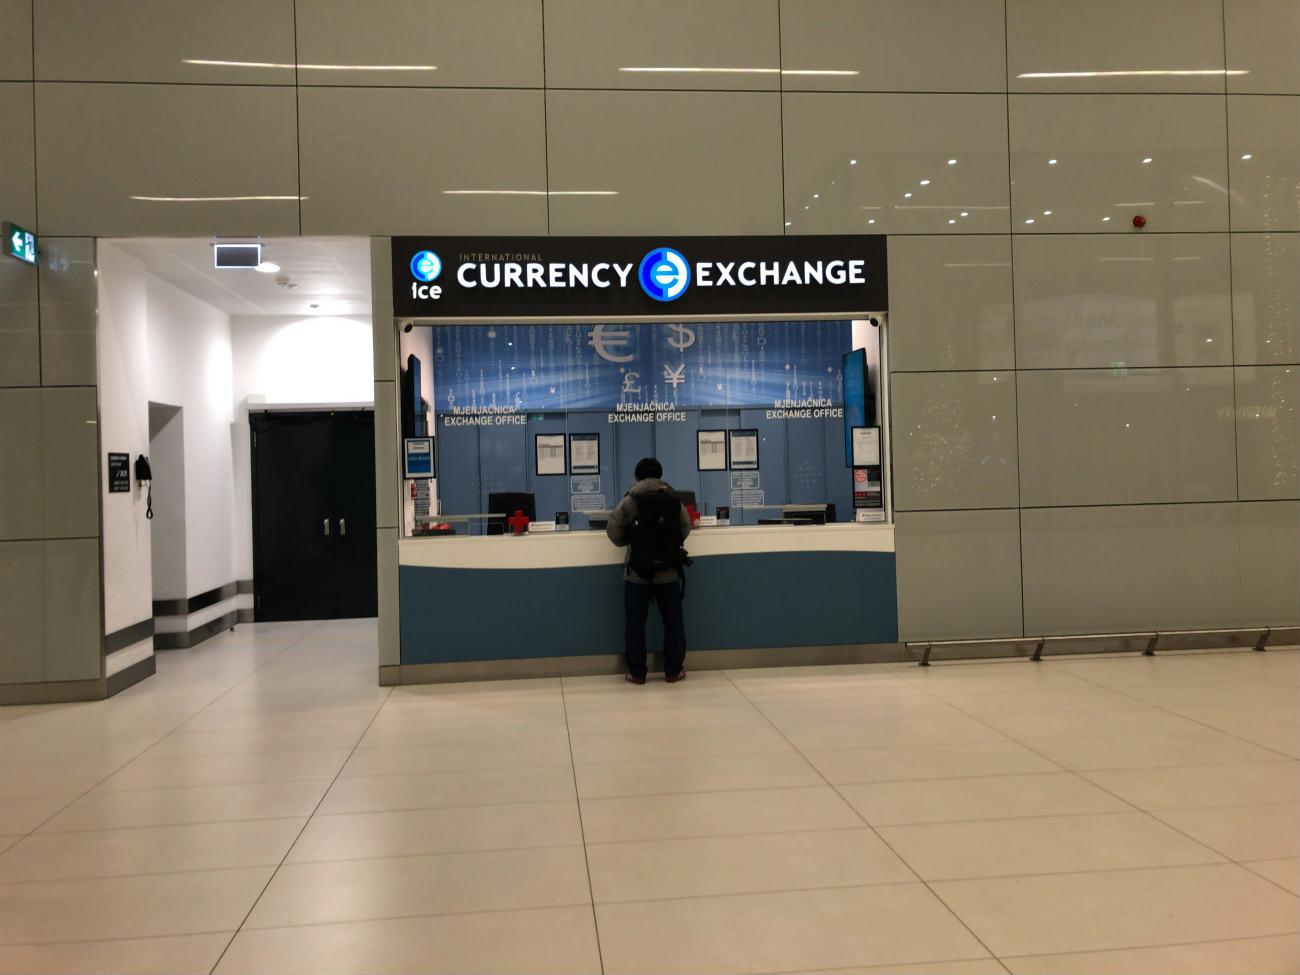 ザグレブ空港内の両替所